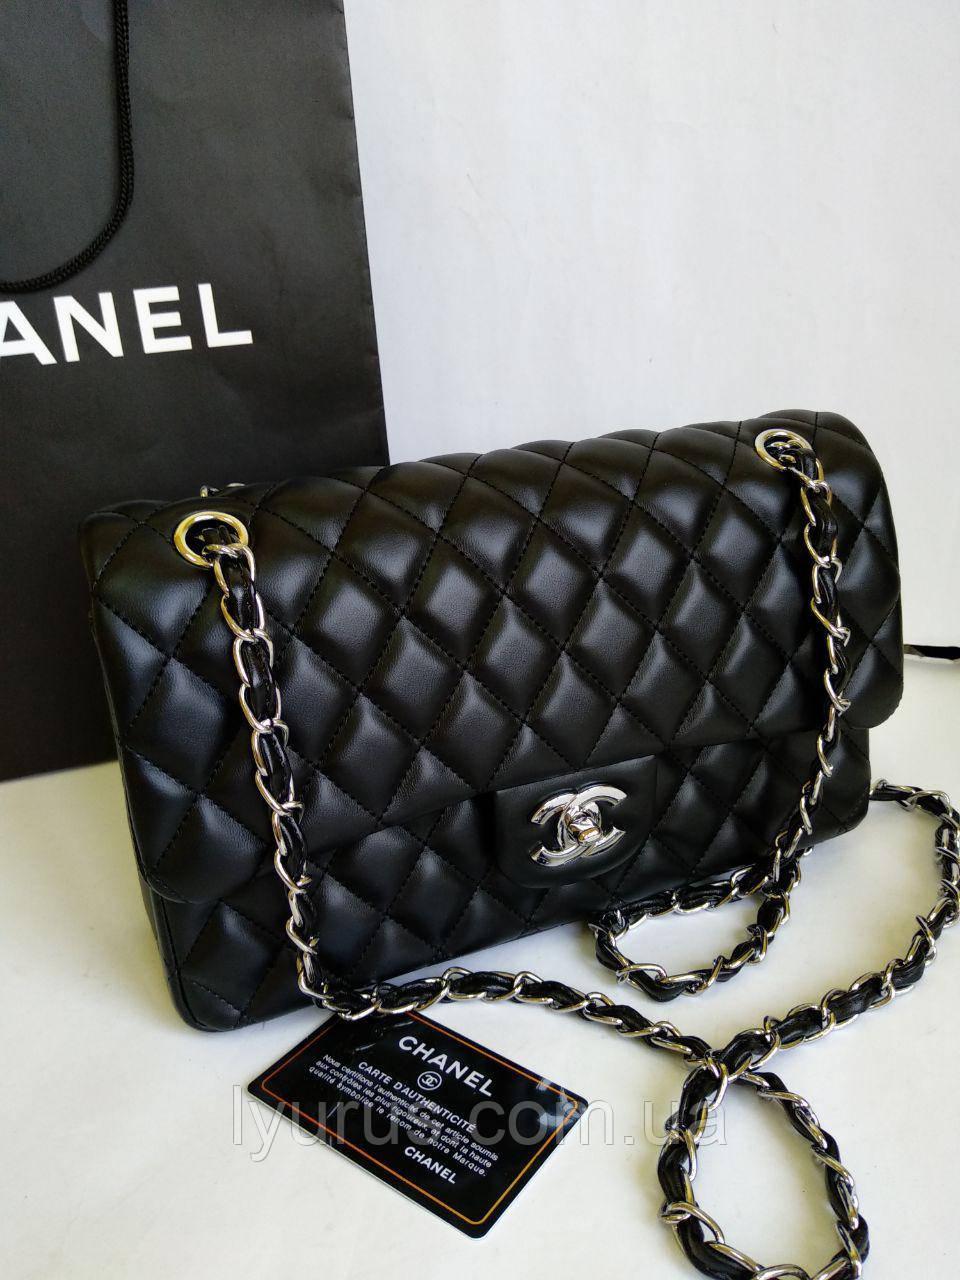 d2d8ed622f12 Женская сумочка в стиле Шанель 2,55 серебро - Интернет магазин LyuRus в  Полтаве